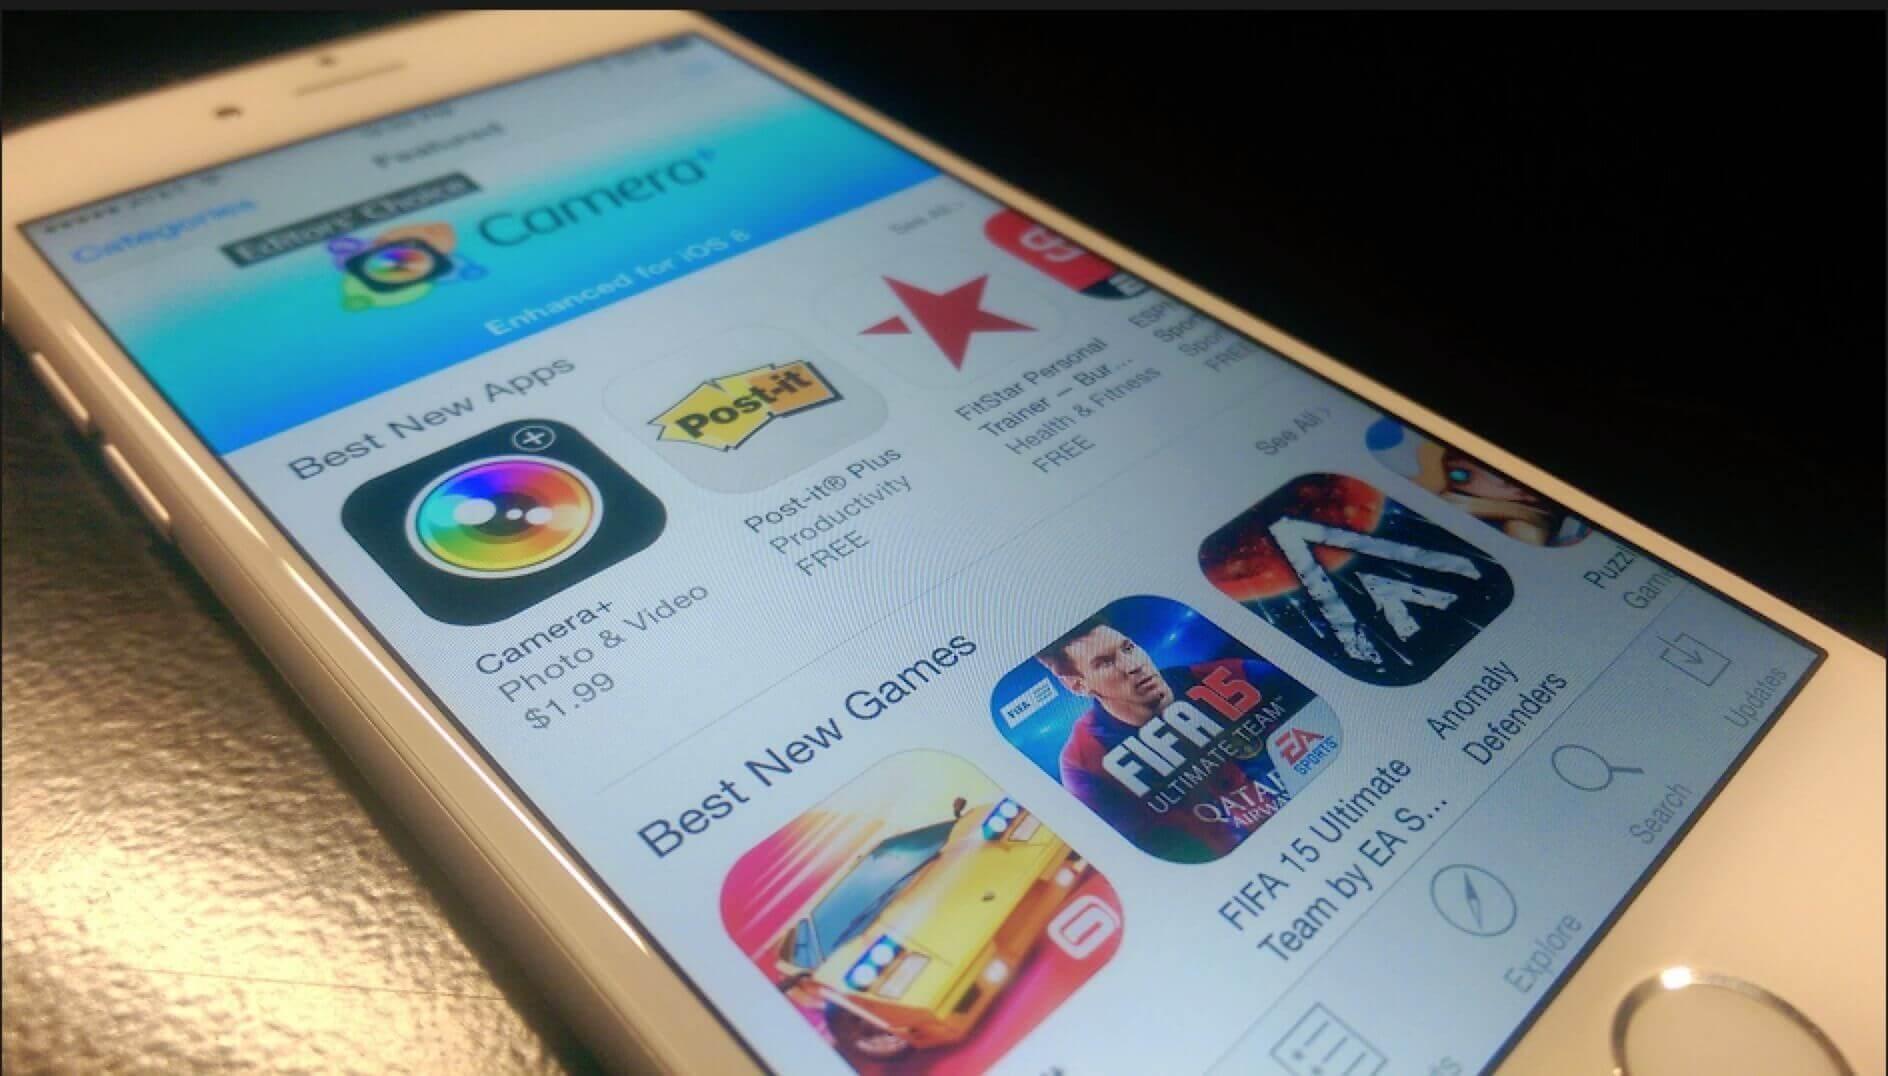 iphone_6_app_store